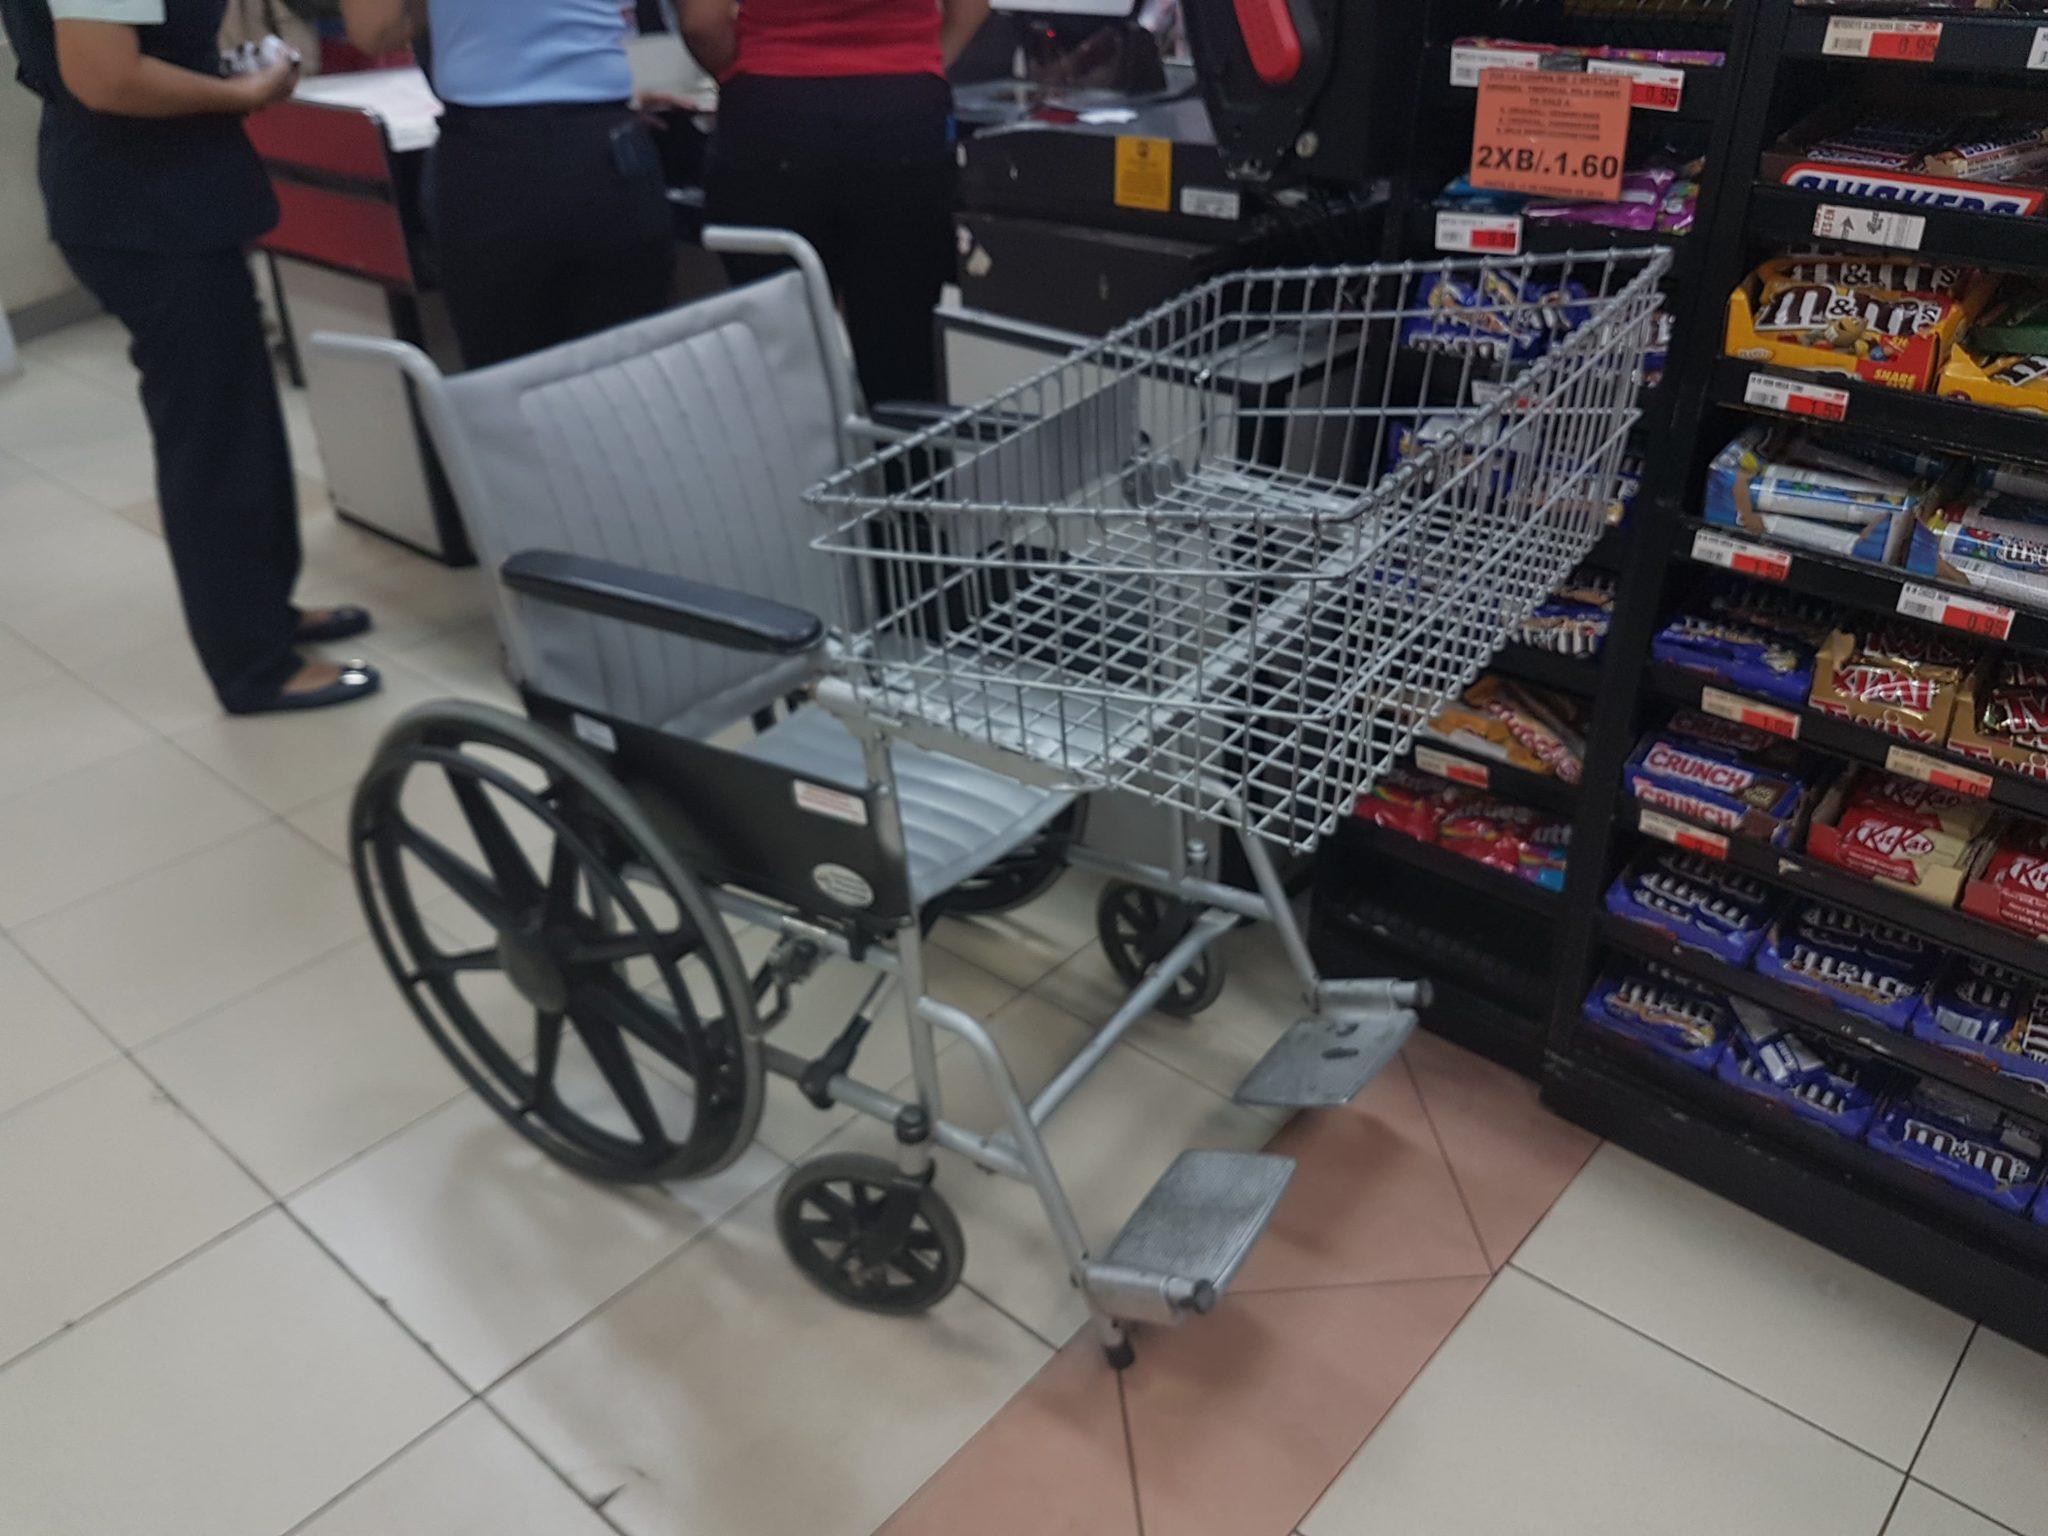 Koszyk na zakupy dla niepełnosprawnych w jednym z supermarketów Fot. Maria Górczyńska